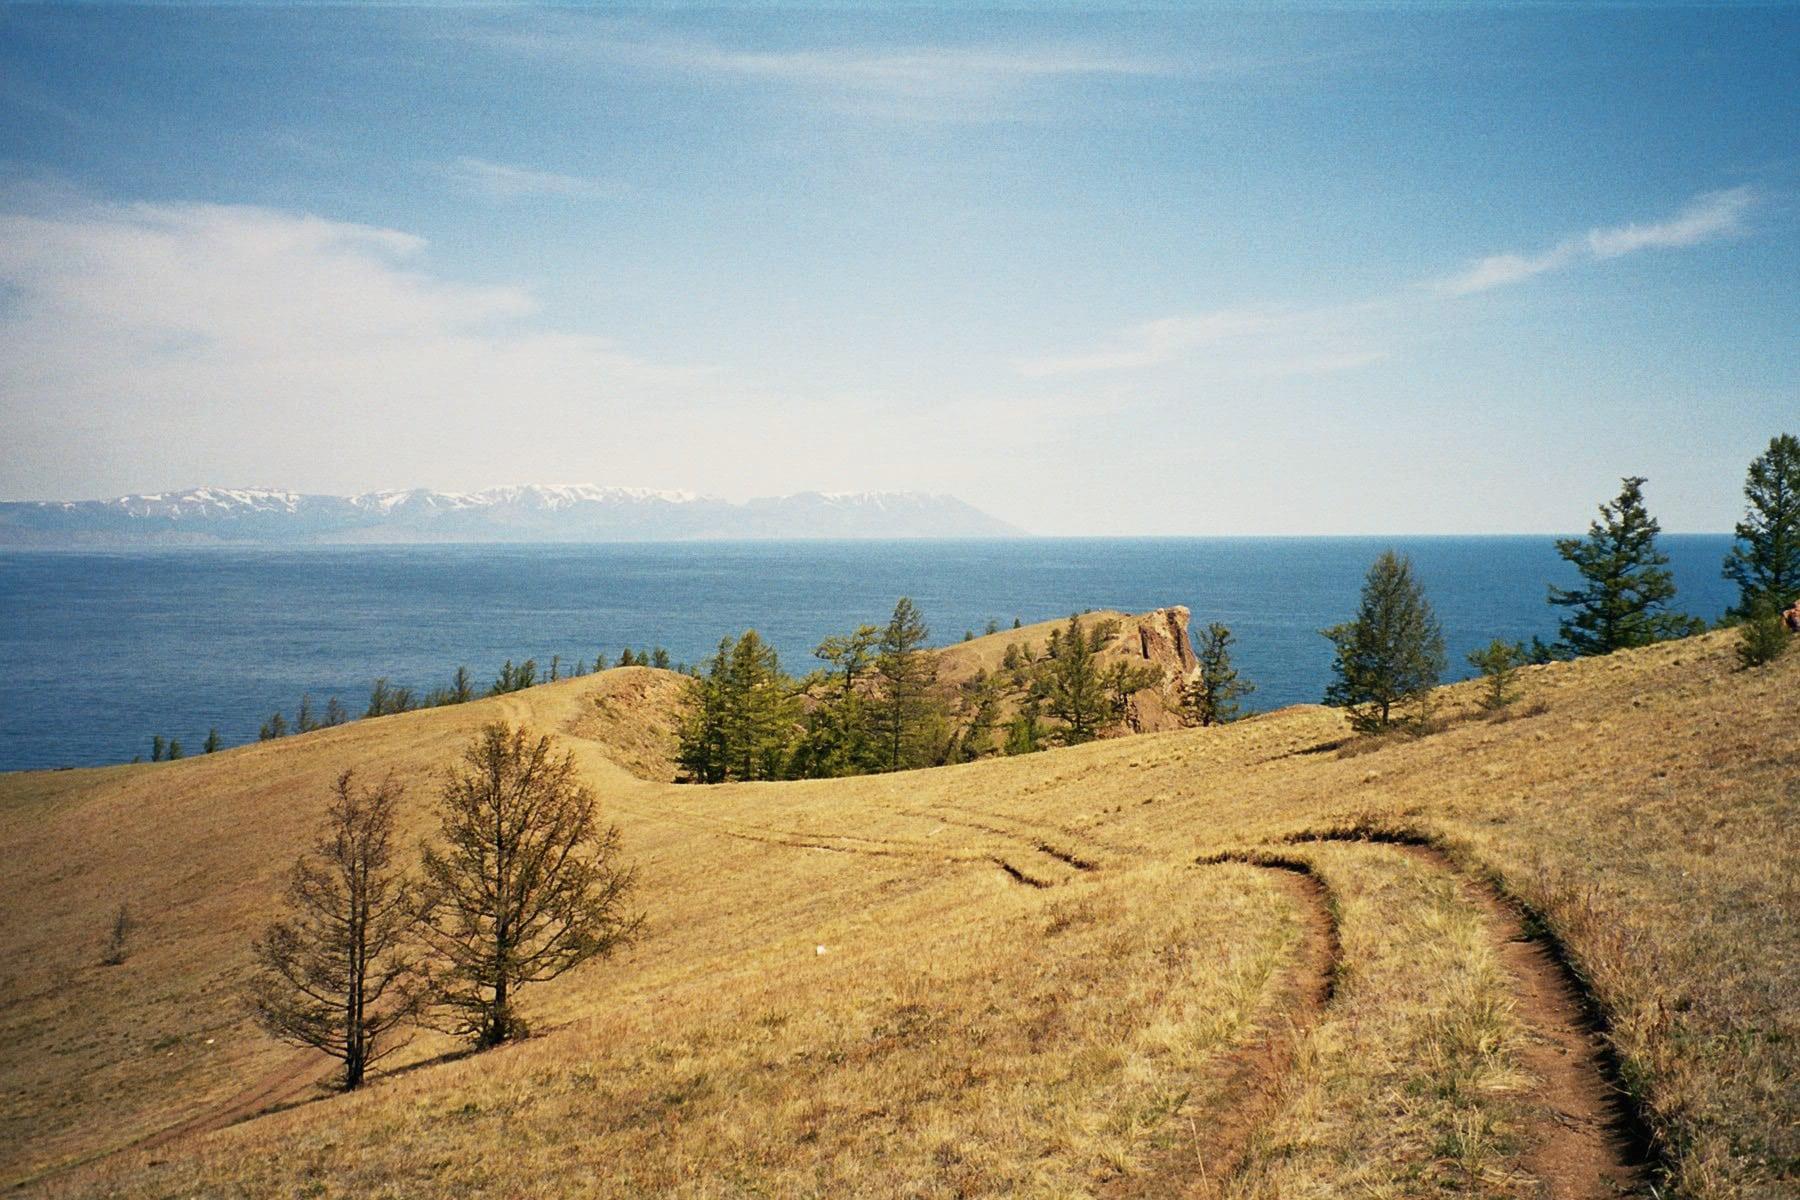 Nordspitze der Insel Olchon Bild: Kirsten Buerger CC BY 3.0